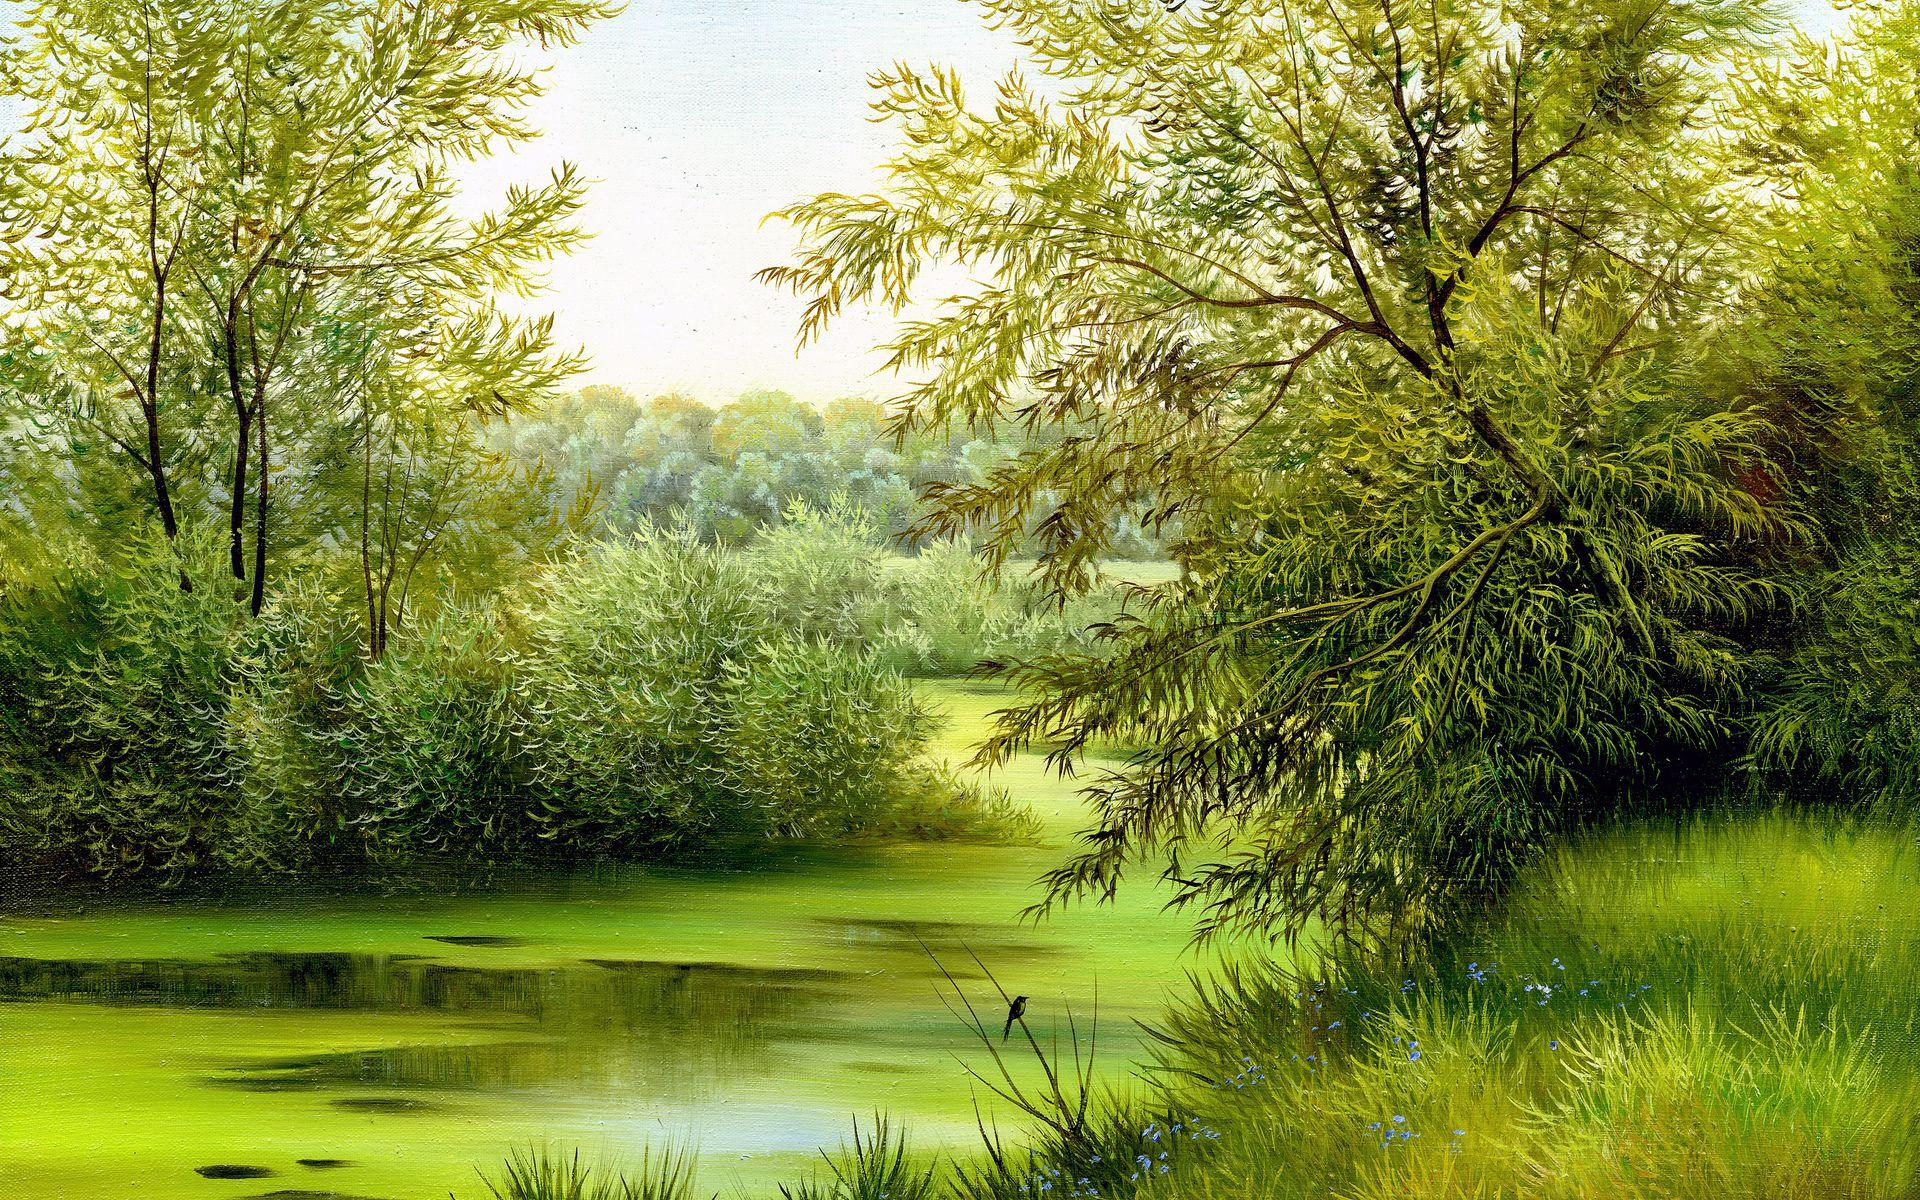 июньский картинки картины пейзаж продавец стоит